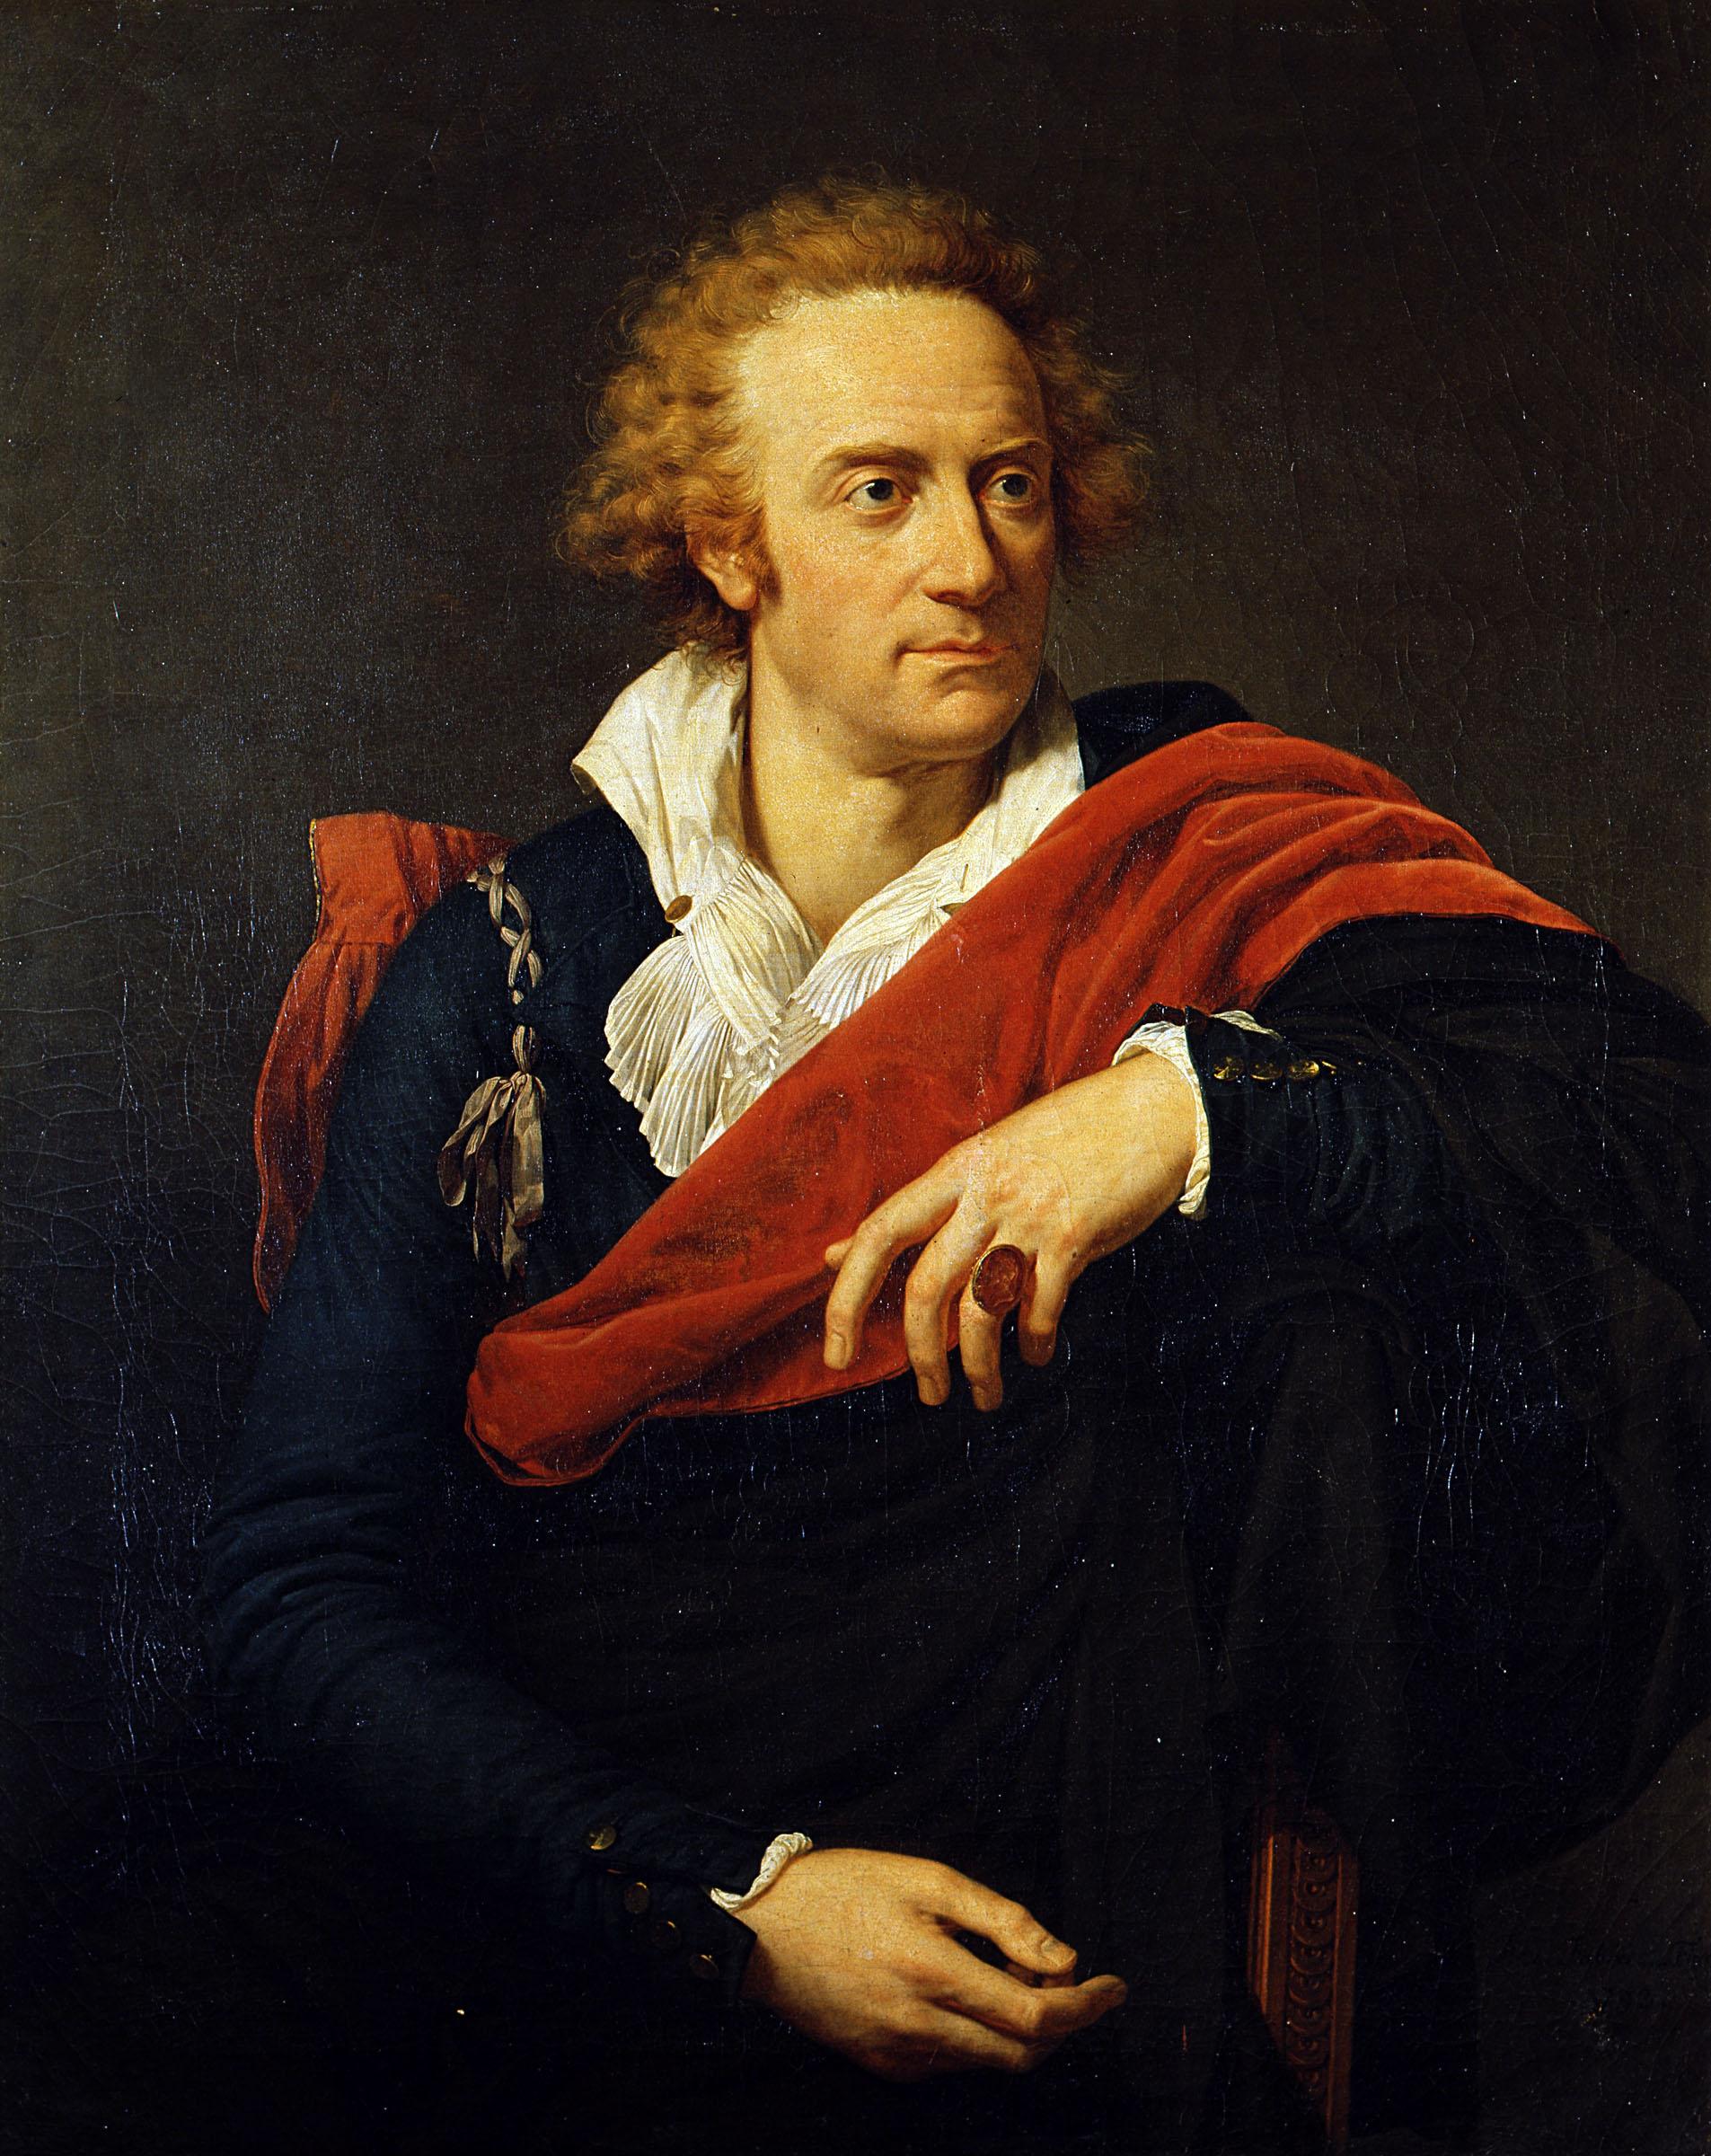 FRANCOIS-XAVIER FABRE (Montpellier 1766 – 1837); sonetto alfieriano 1793; olio su tela s.c. 93 x 73 cm c.c. 111,5 x 91,5 x 9 cm (sp.) Galleria degli Uffizi